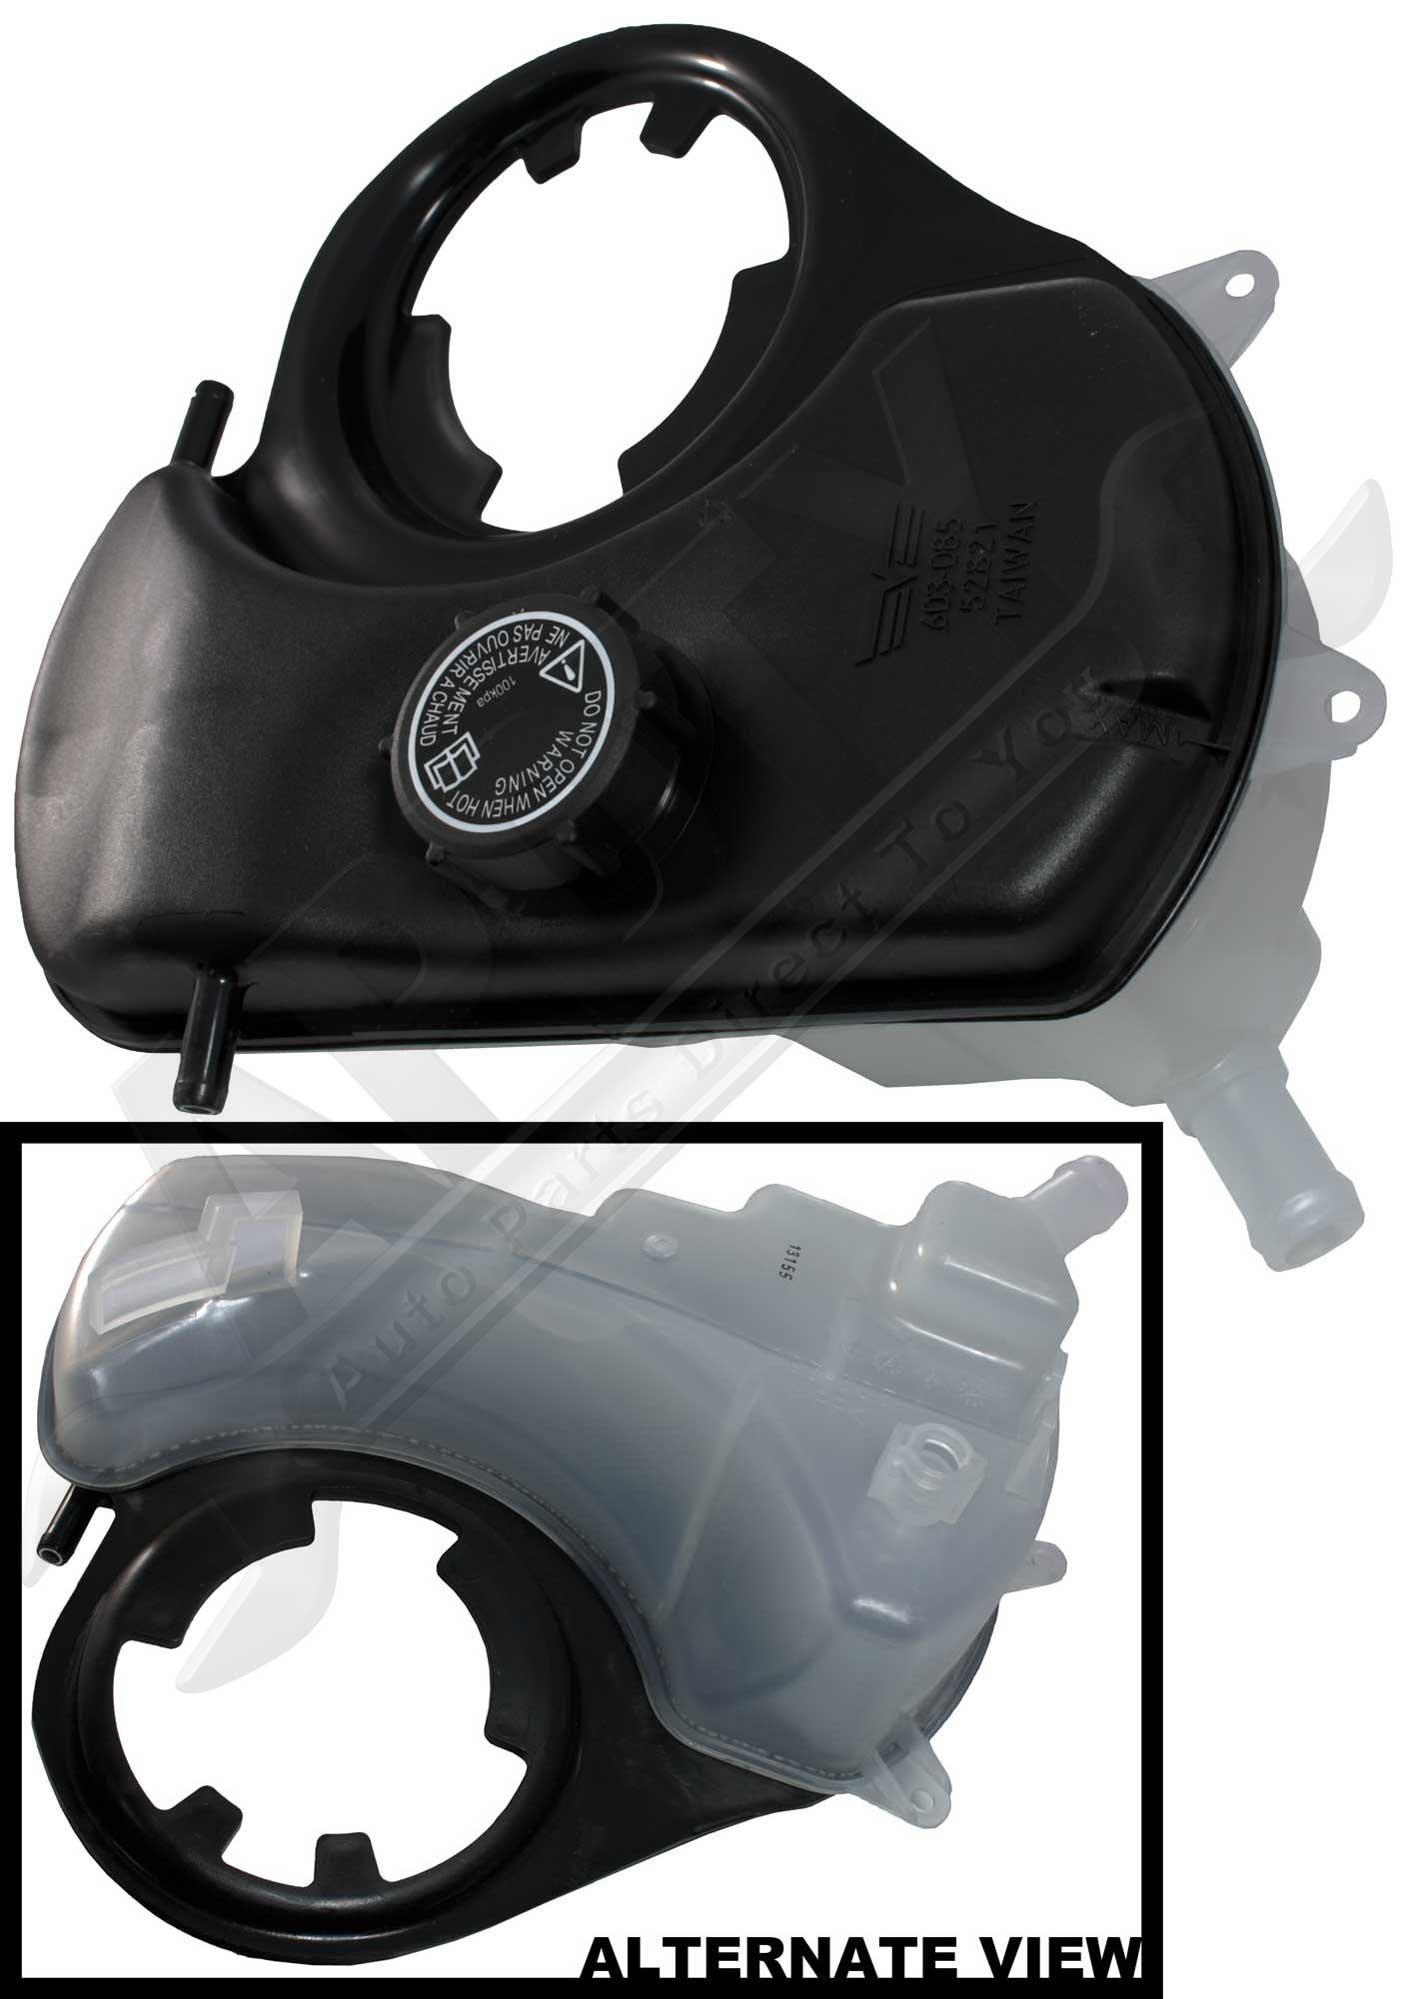 APDTY 714196 Coolant Reservoir Fluid Overflow Plastic Bottle Housing & Cap Fits 2002-2008 Jaguar X-Type (Replaces C2S-46861, C2S46861, MJA4440BA)